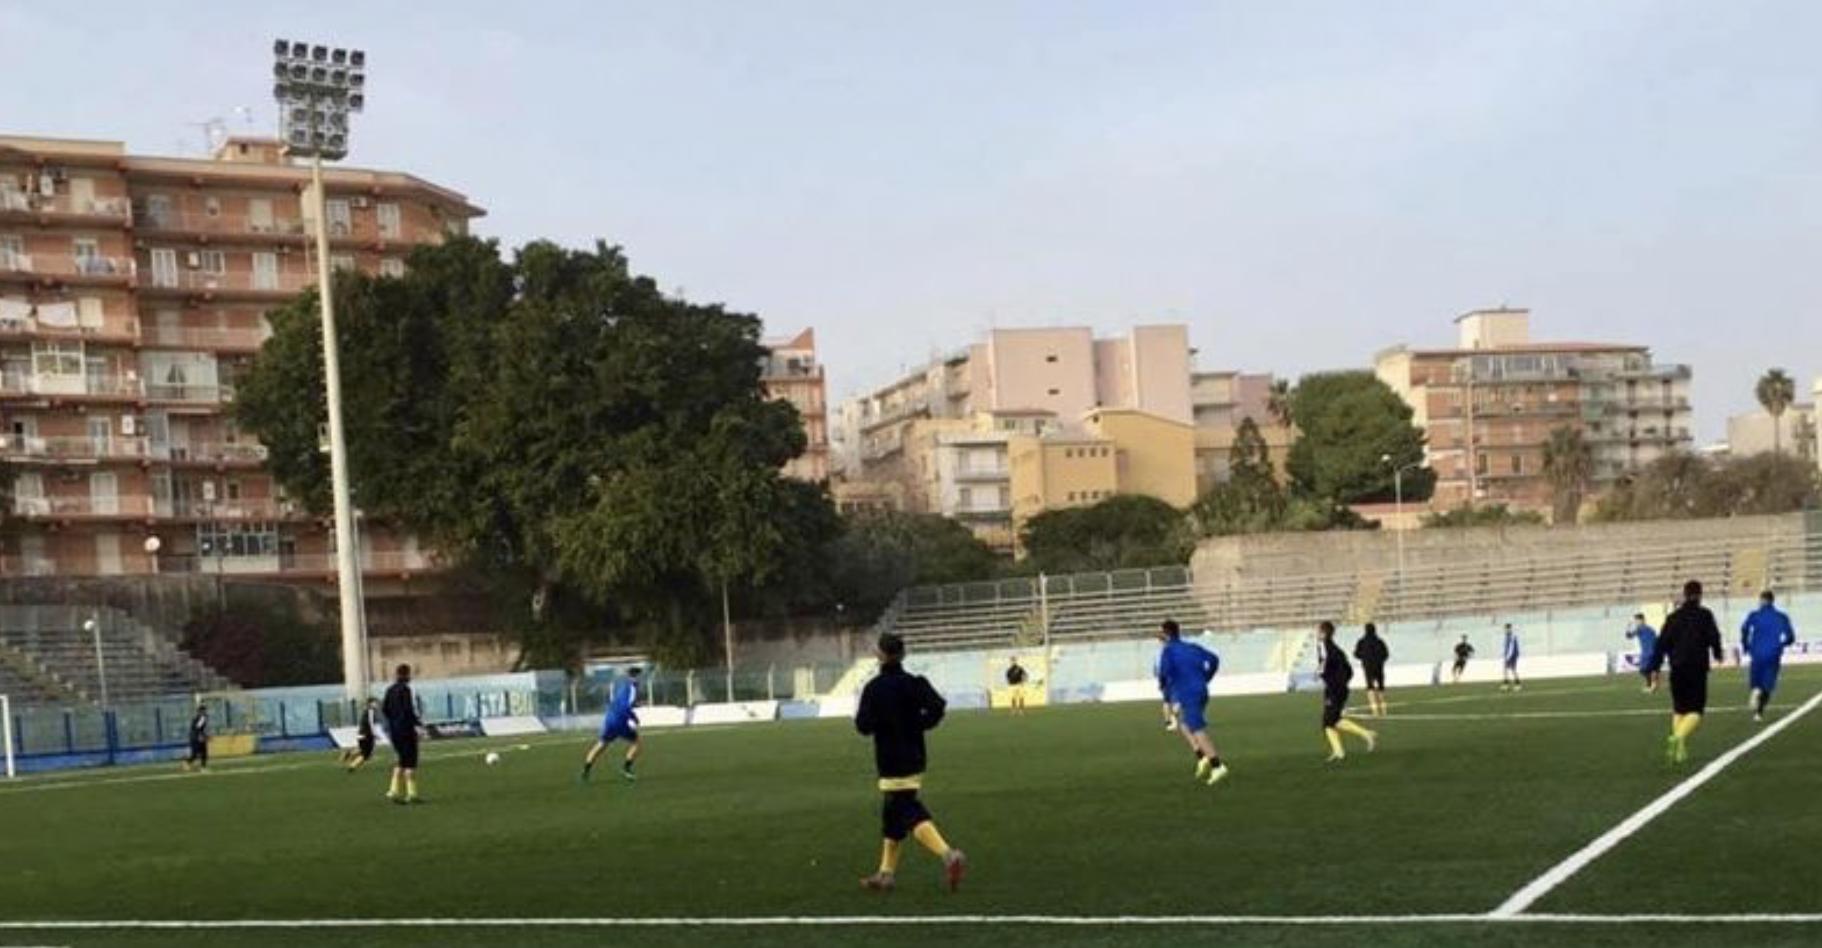 Calcio, Promozione: il Modica prepara la trasferta sul campo della capolista Siracusa